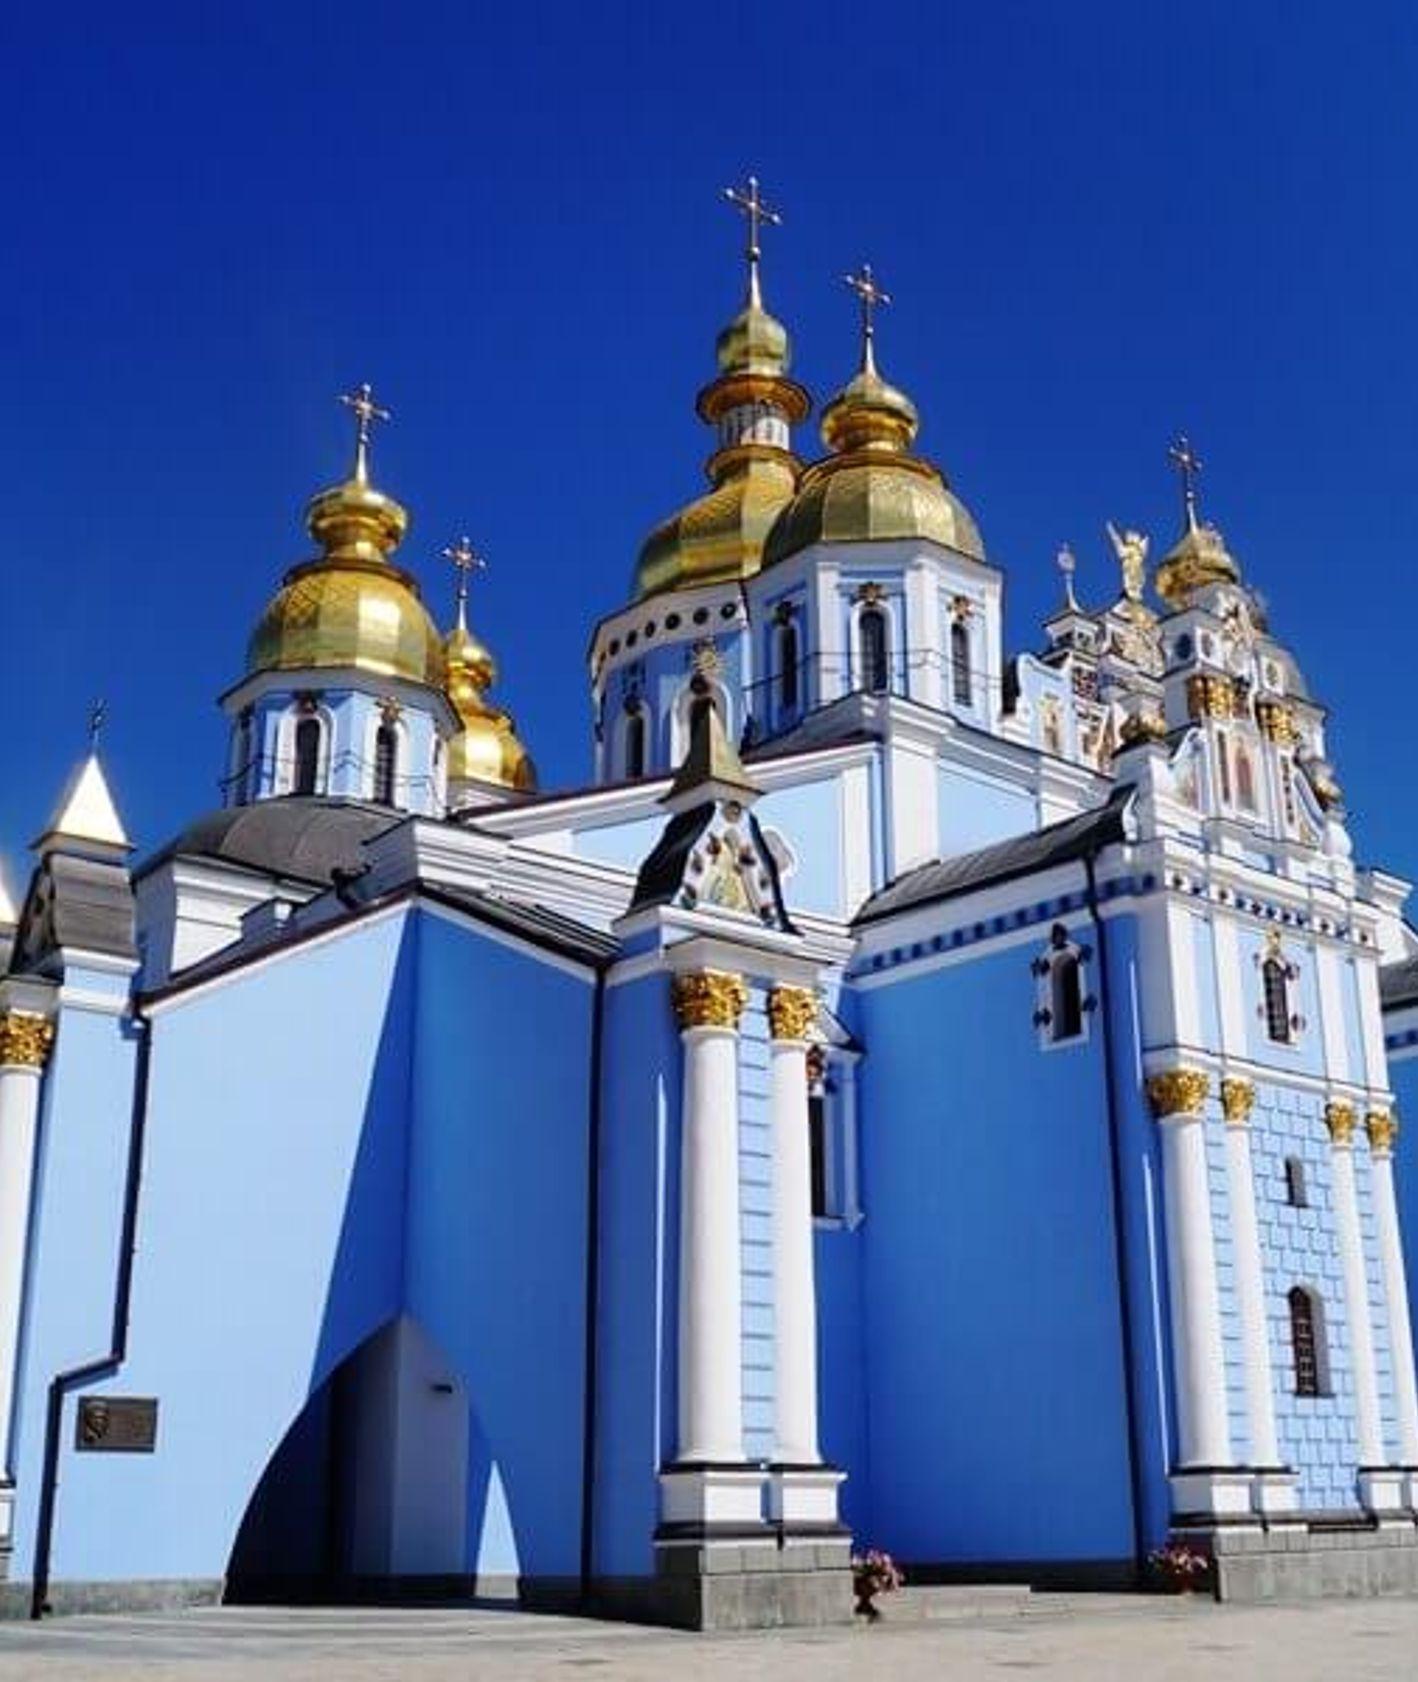 Kijów, przewodnik po Kijowie, przewodnik po Ukrainie, Ukraina, przewodnik kulinarny po Kijowie, co zobaczyć w Kijowie, co odwiedzić w Kijowie